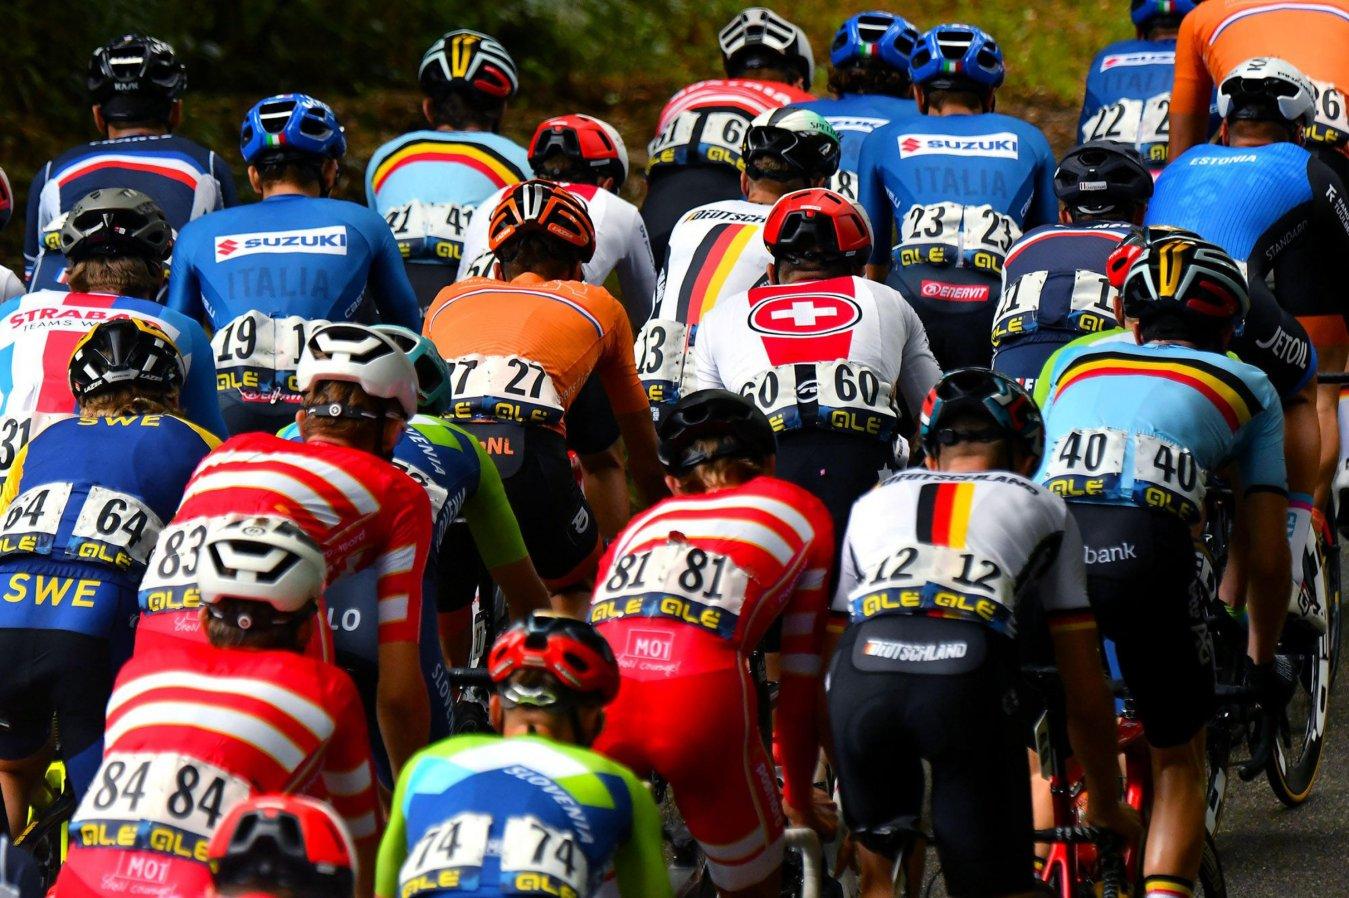 Campionati Europei Ciclismo su strada 2021, diretta integrale Discovery+